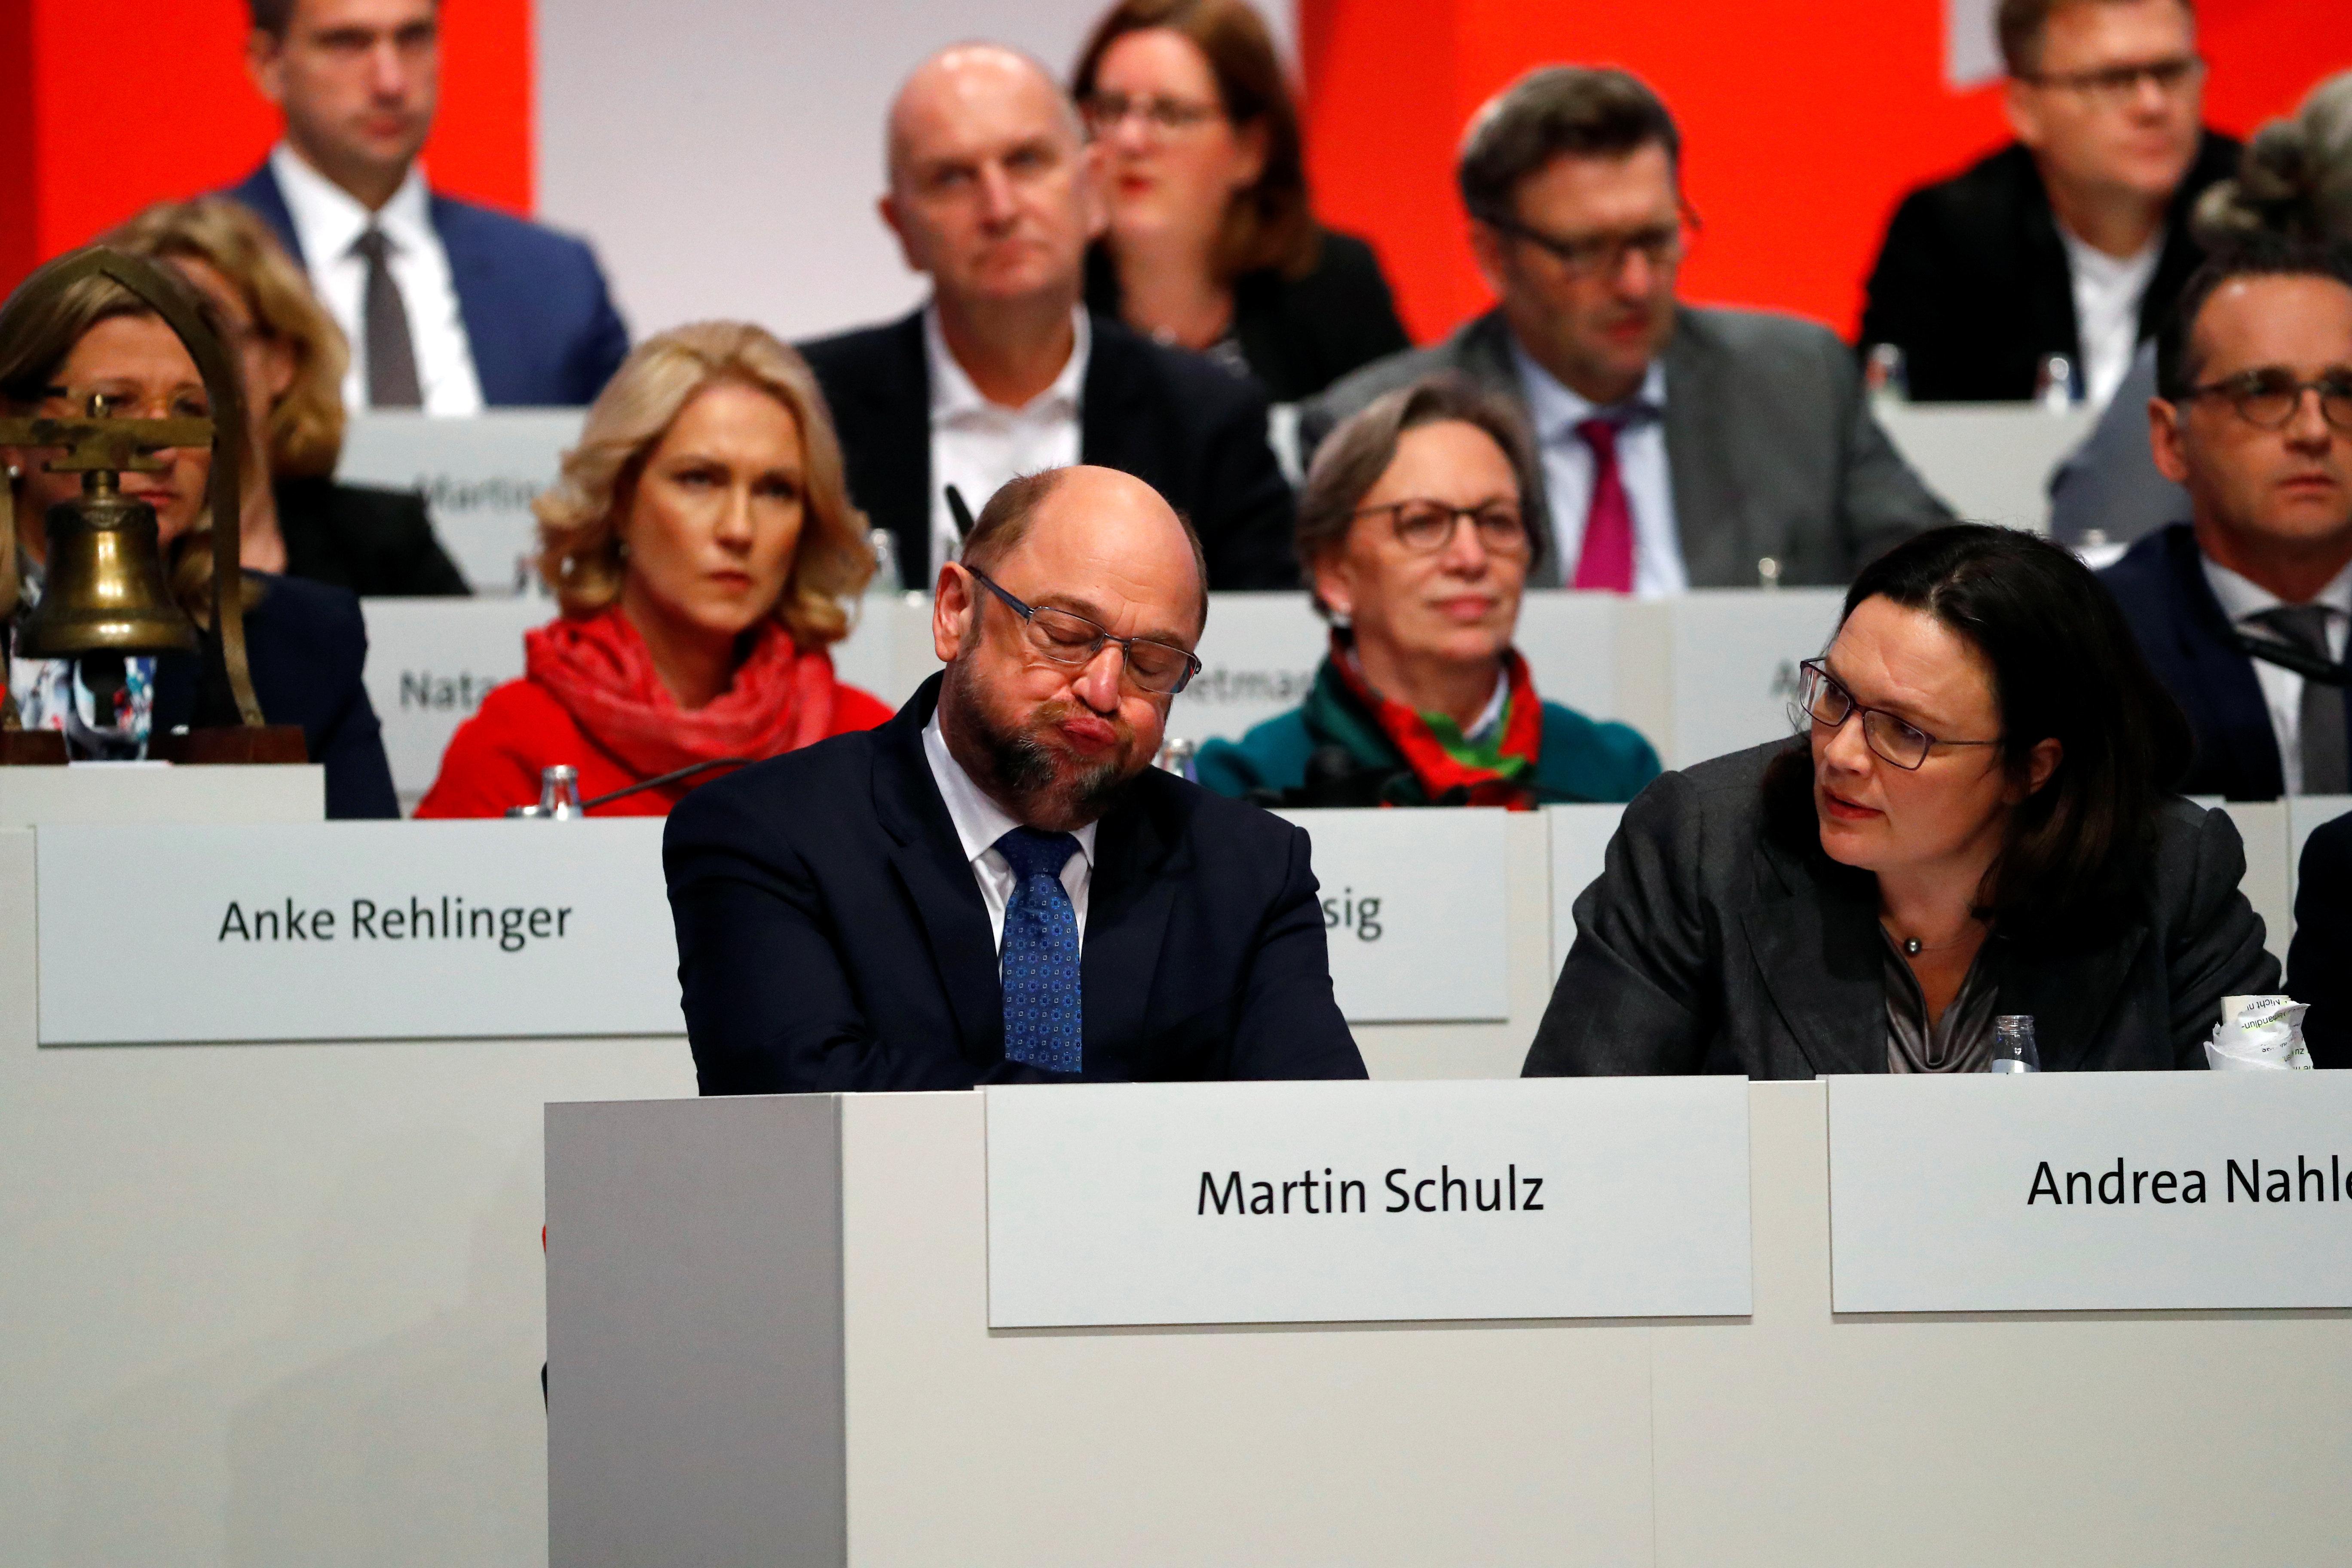 Die SPD muss sich die Frage gefallen lassen, ob sie noch eine ernstzunehmende Partei ist